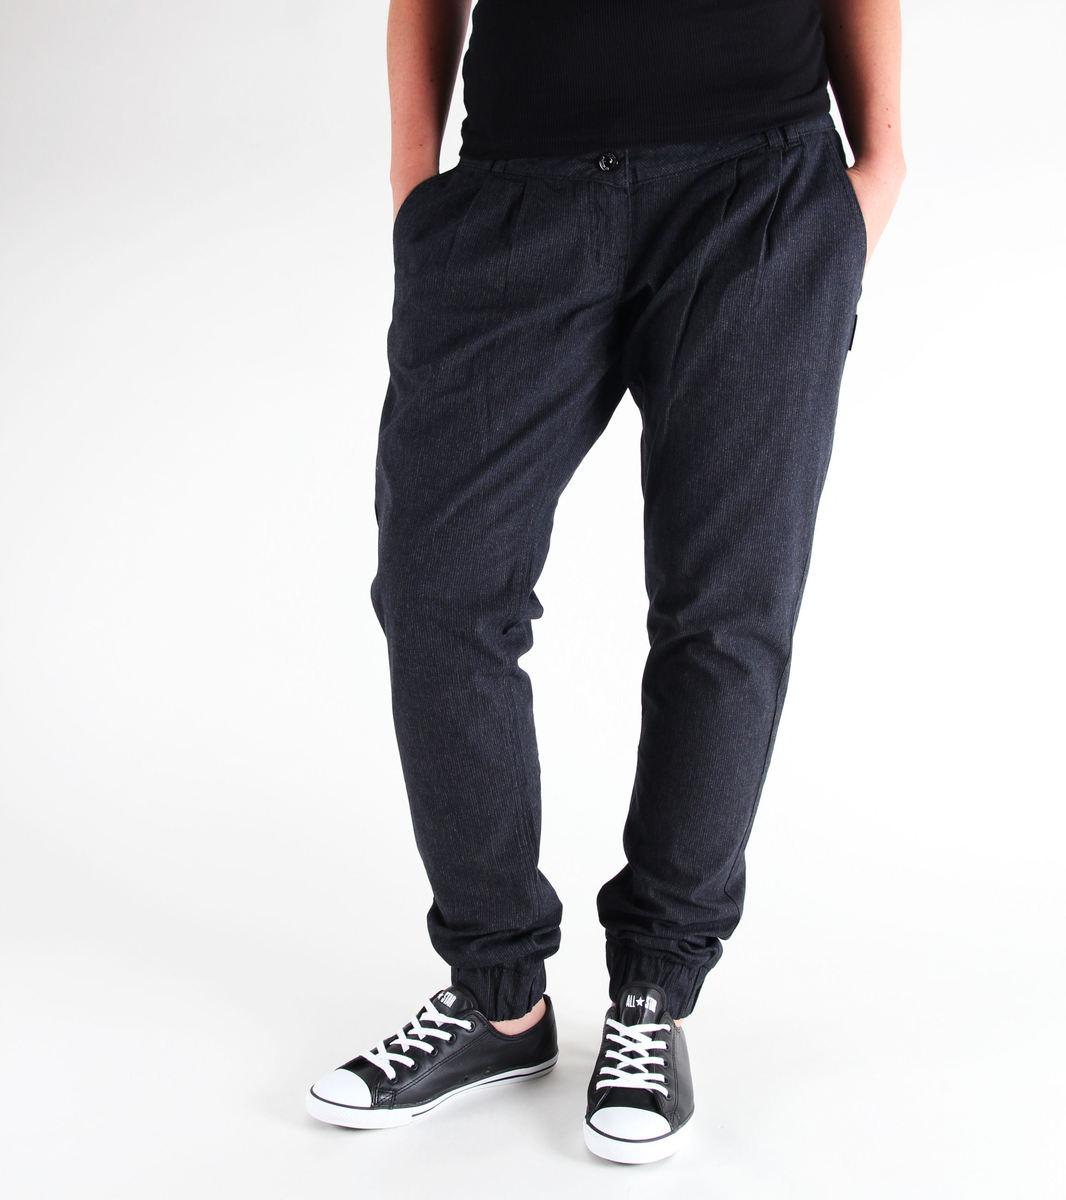 kalhoty dámské FUNSTORM - Stacy - 21 black